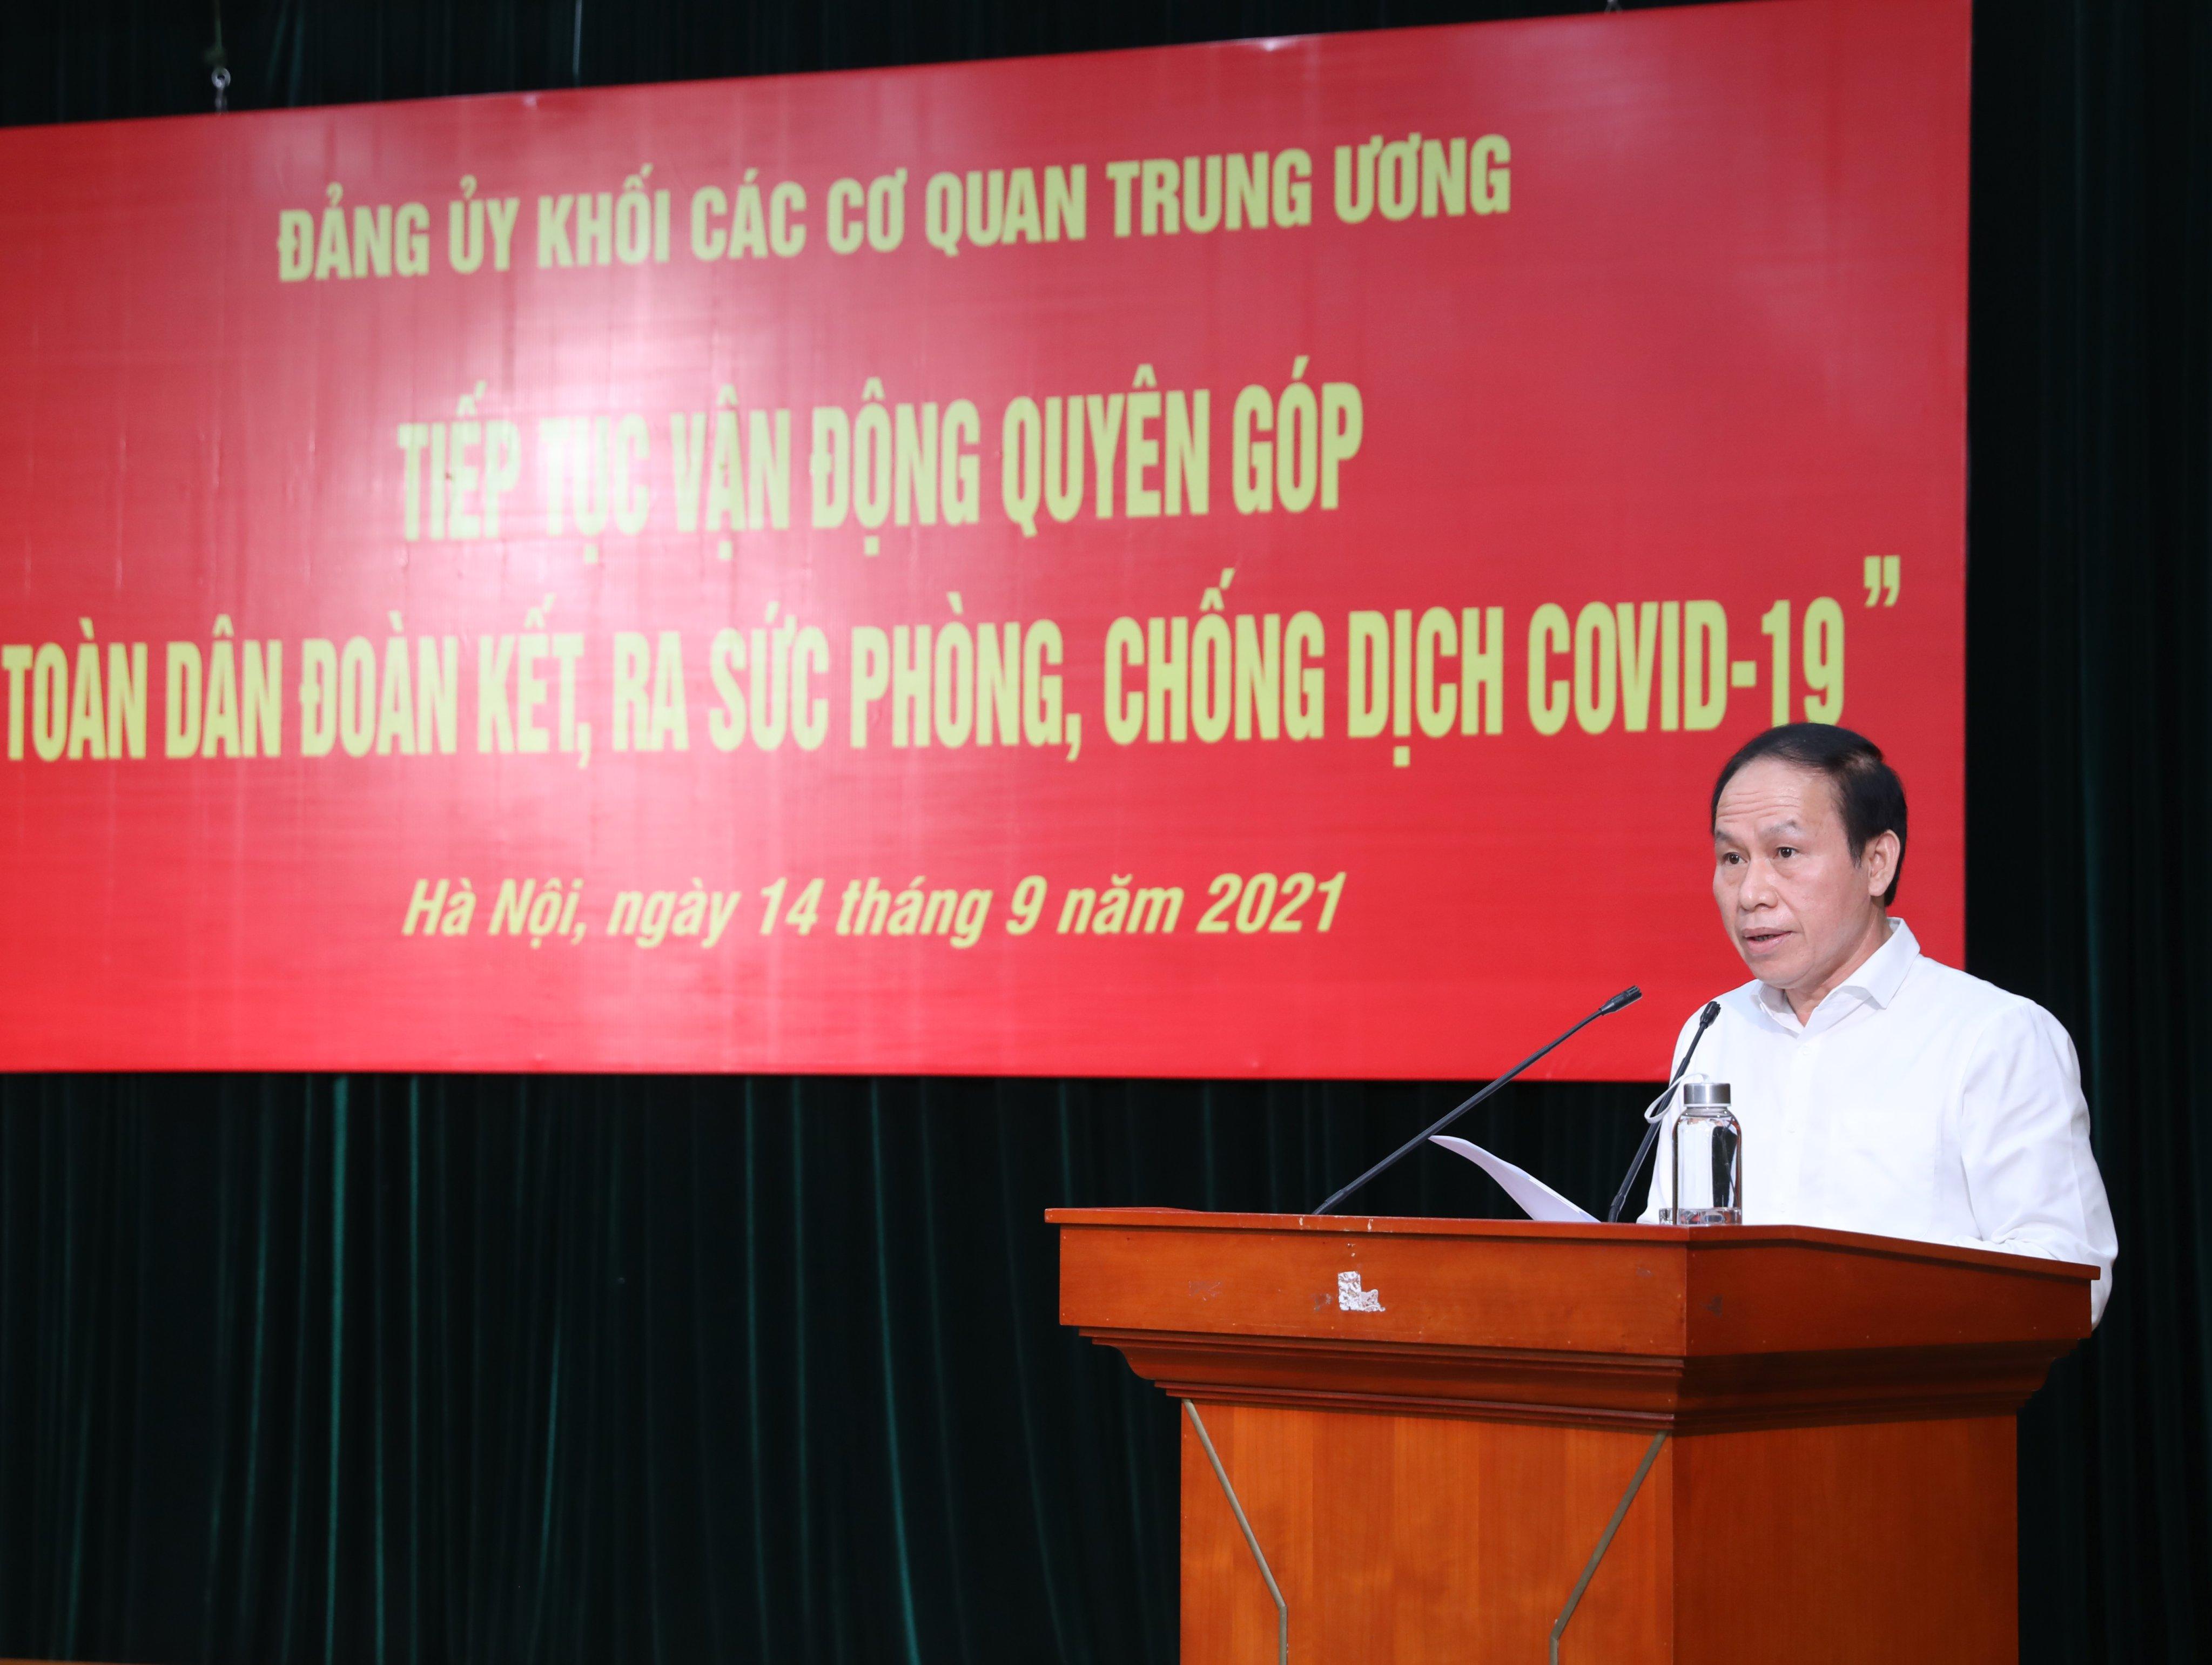 Phó Chủ tịch - Tổng Thư ký UBTƯ MTTQ Việt Nam Lê Tiến Châu phát biểu tại buổi lễ.